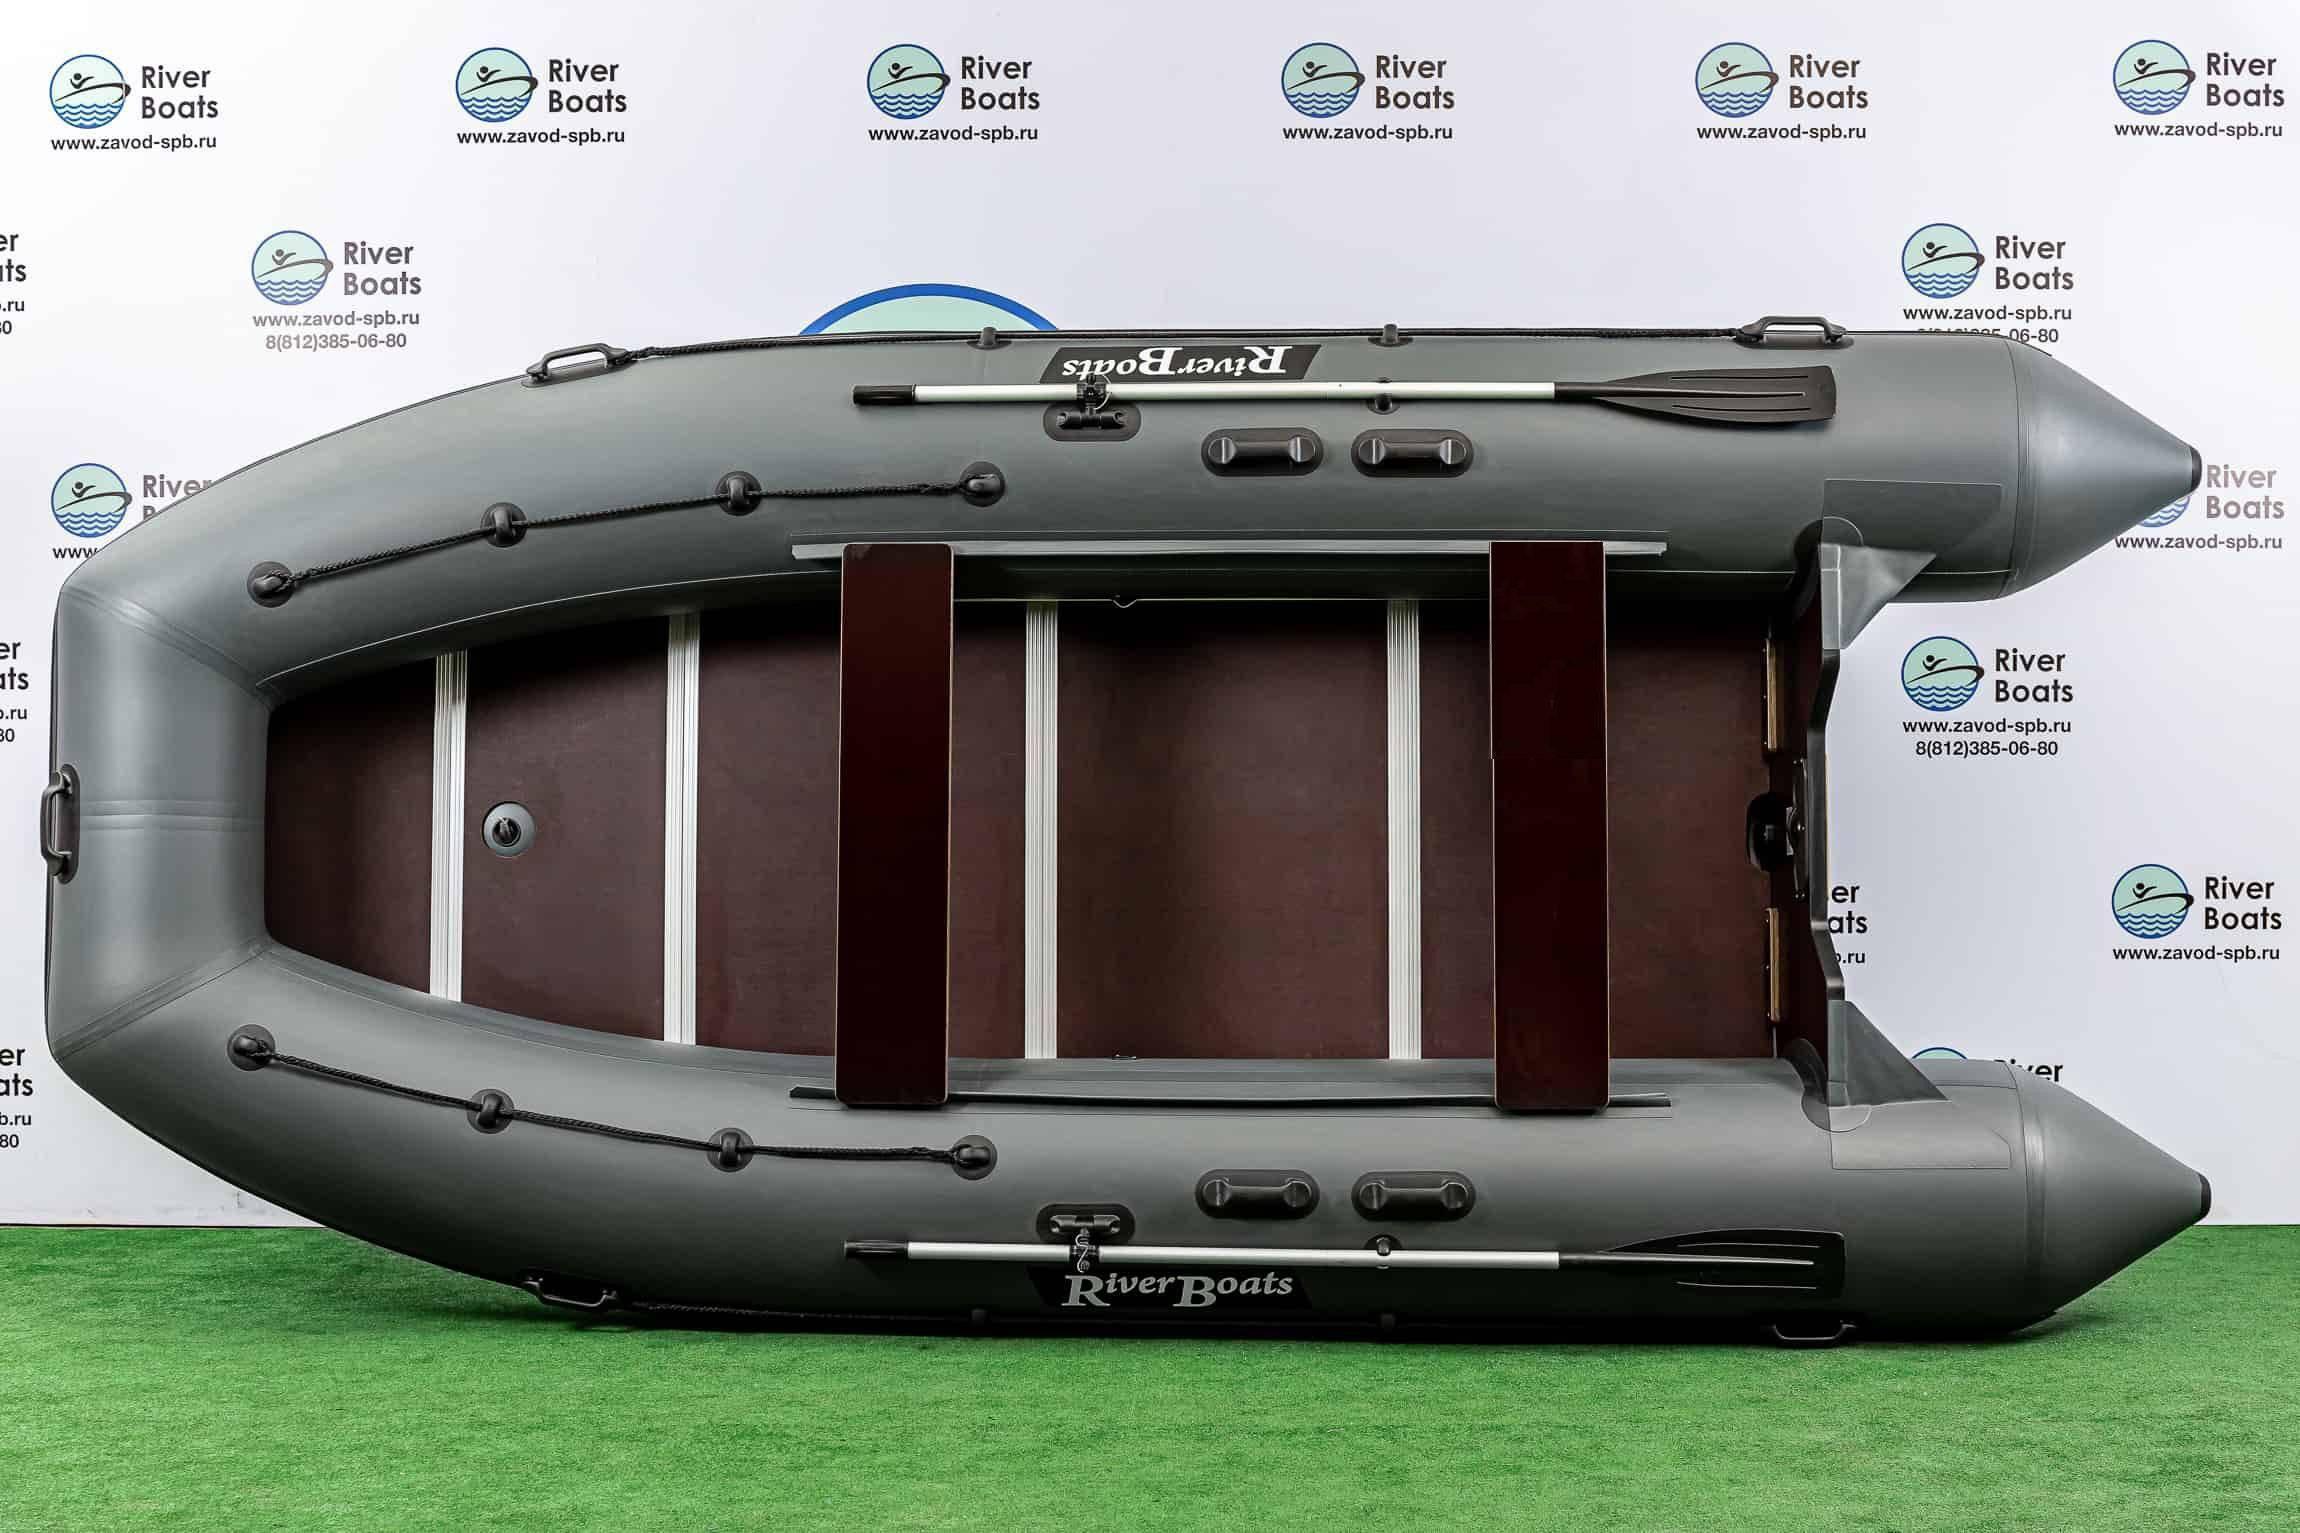 Лодки пвх с килем — характеристики, обзор моделей, эксплуатация